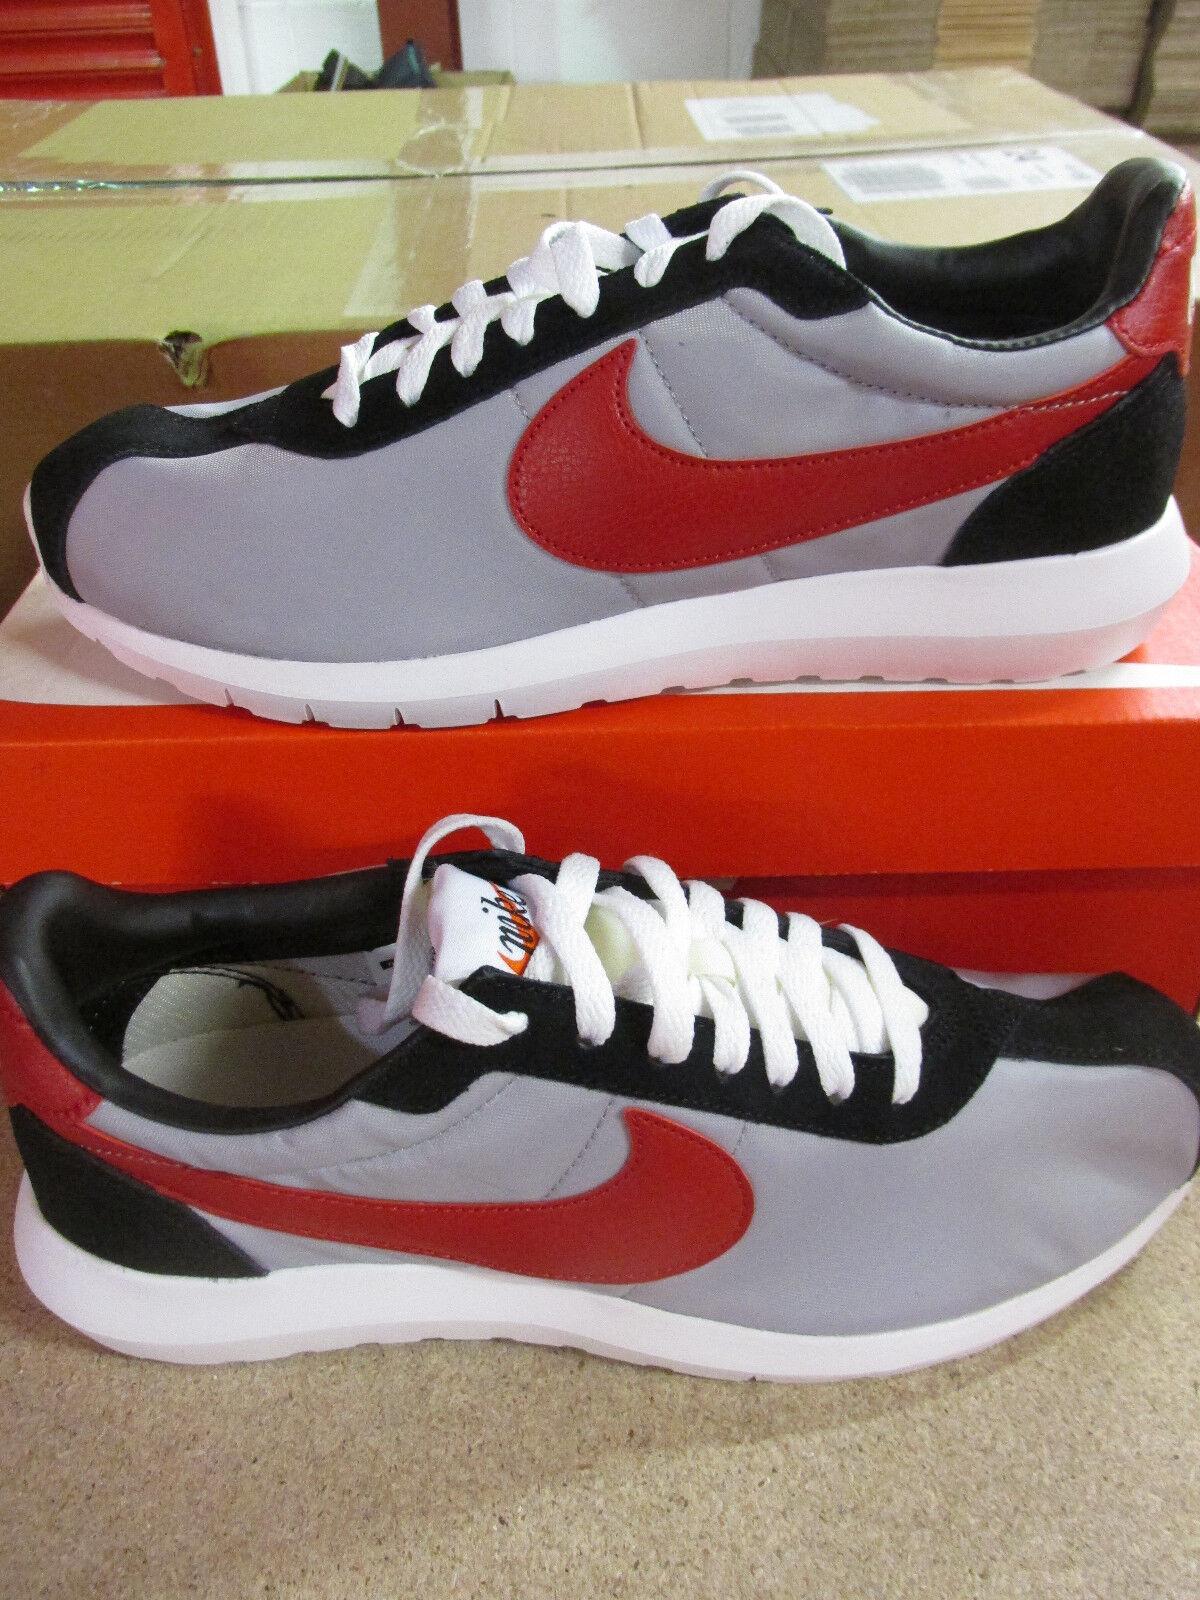 Nike roshe LD2018 QS Para Hombre Zapatos Zapatillas 802022 006 Tenis Zapatos Hombre 365b1c